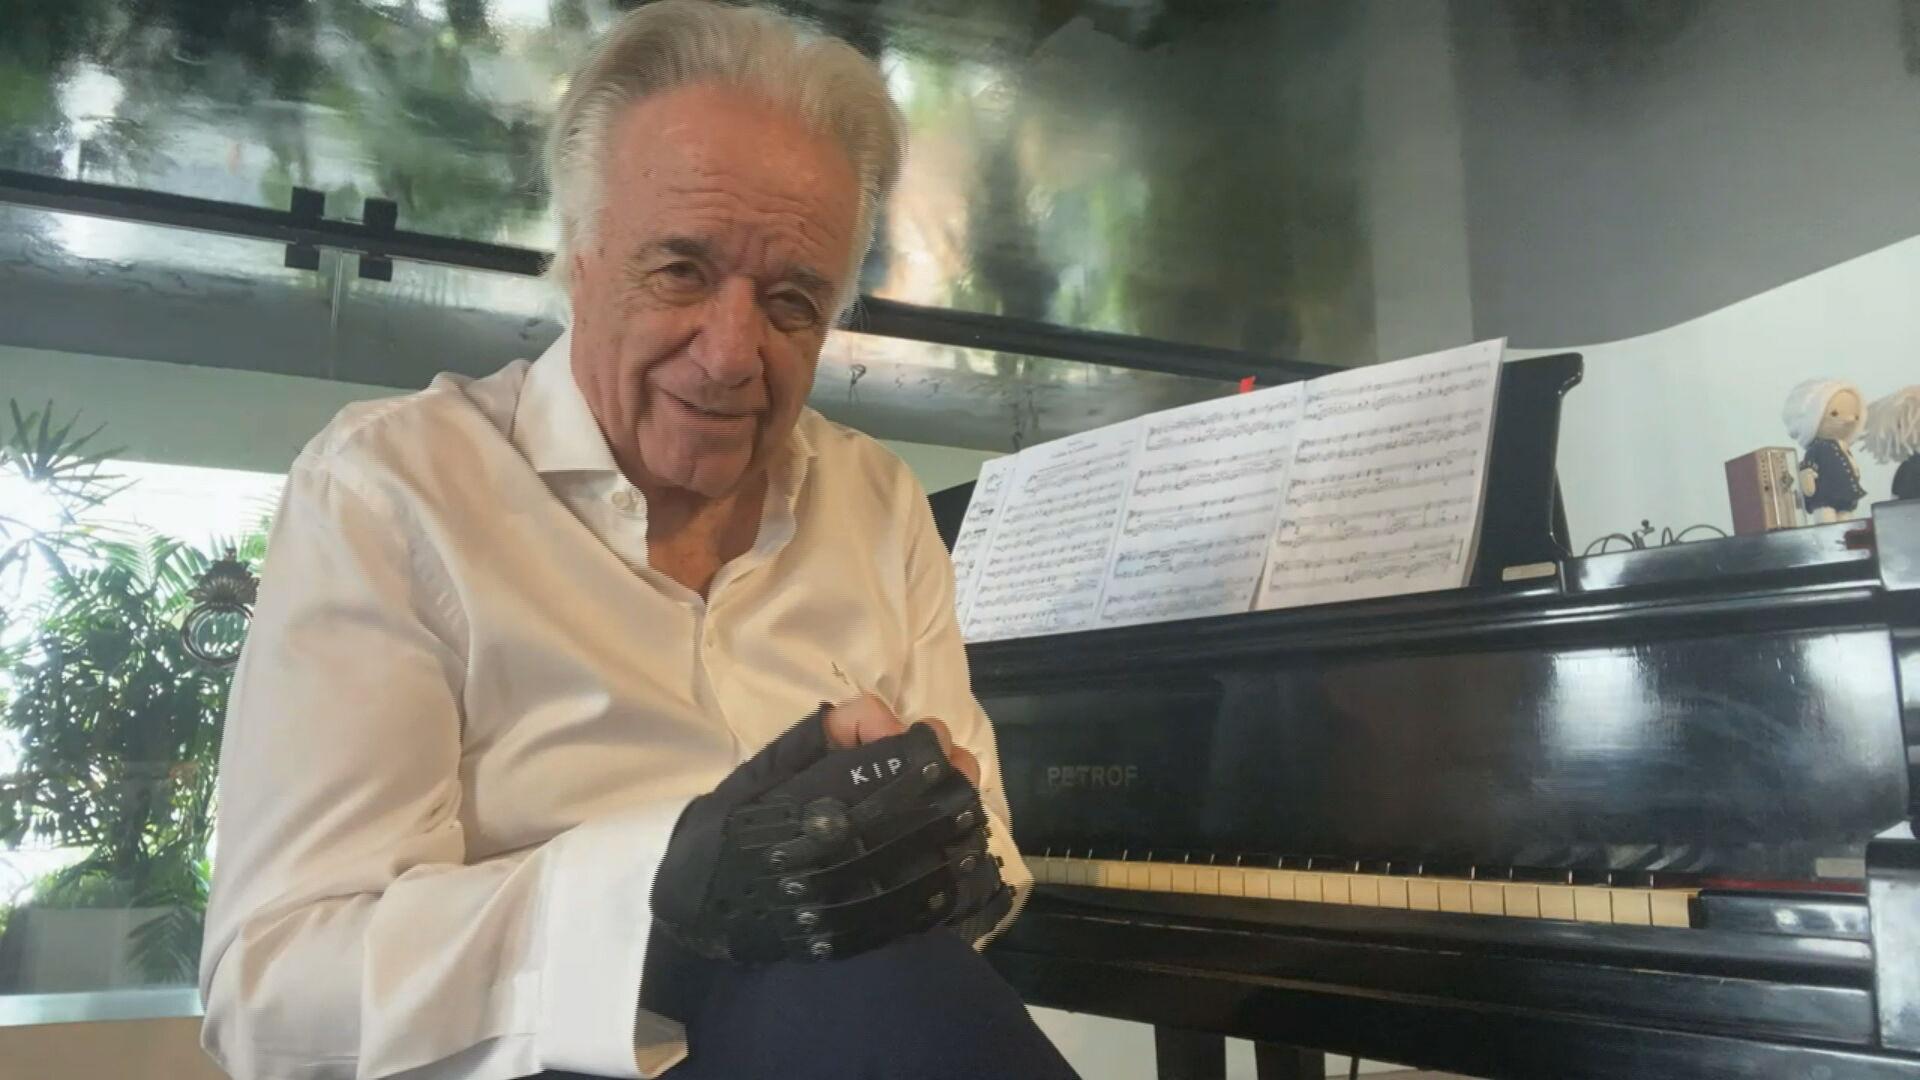 O maestro João Carlos Martins, que voltou a tocar piano com uso de luvas biônica